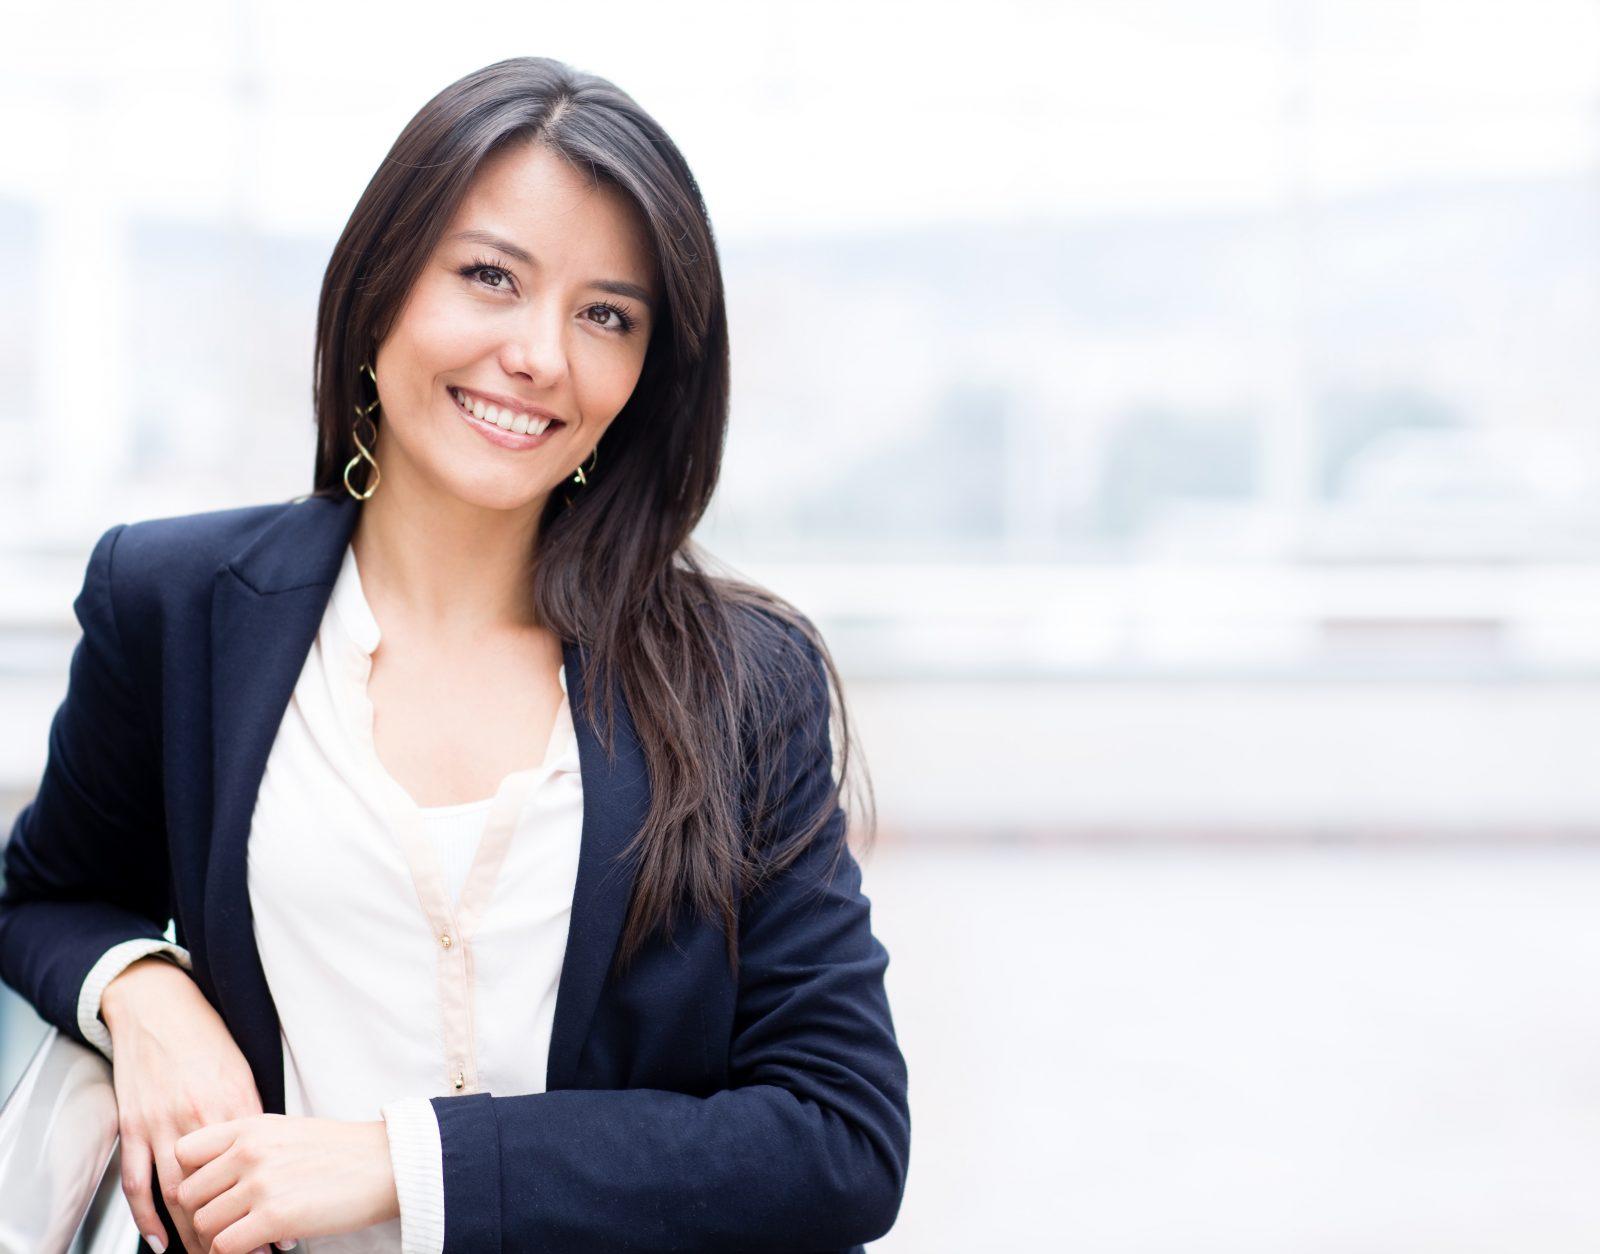 O que as mulheres buscam em suas carreiras?